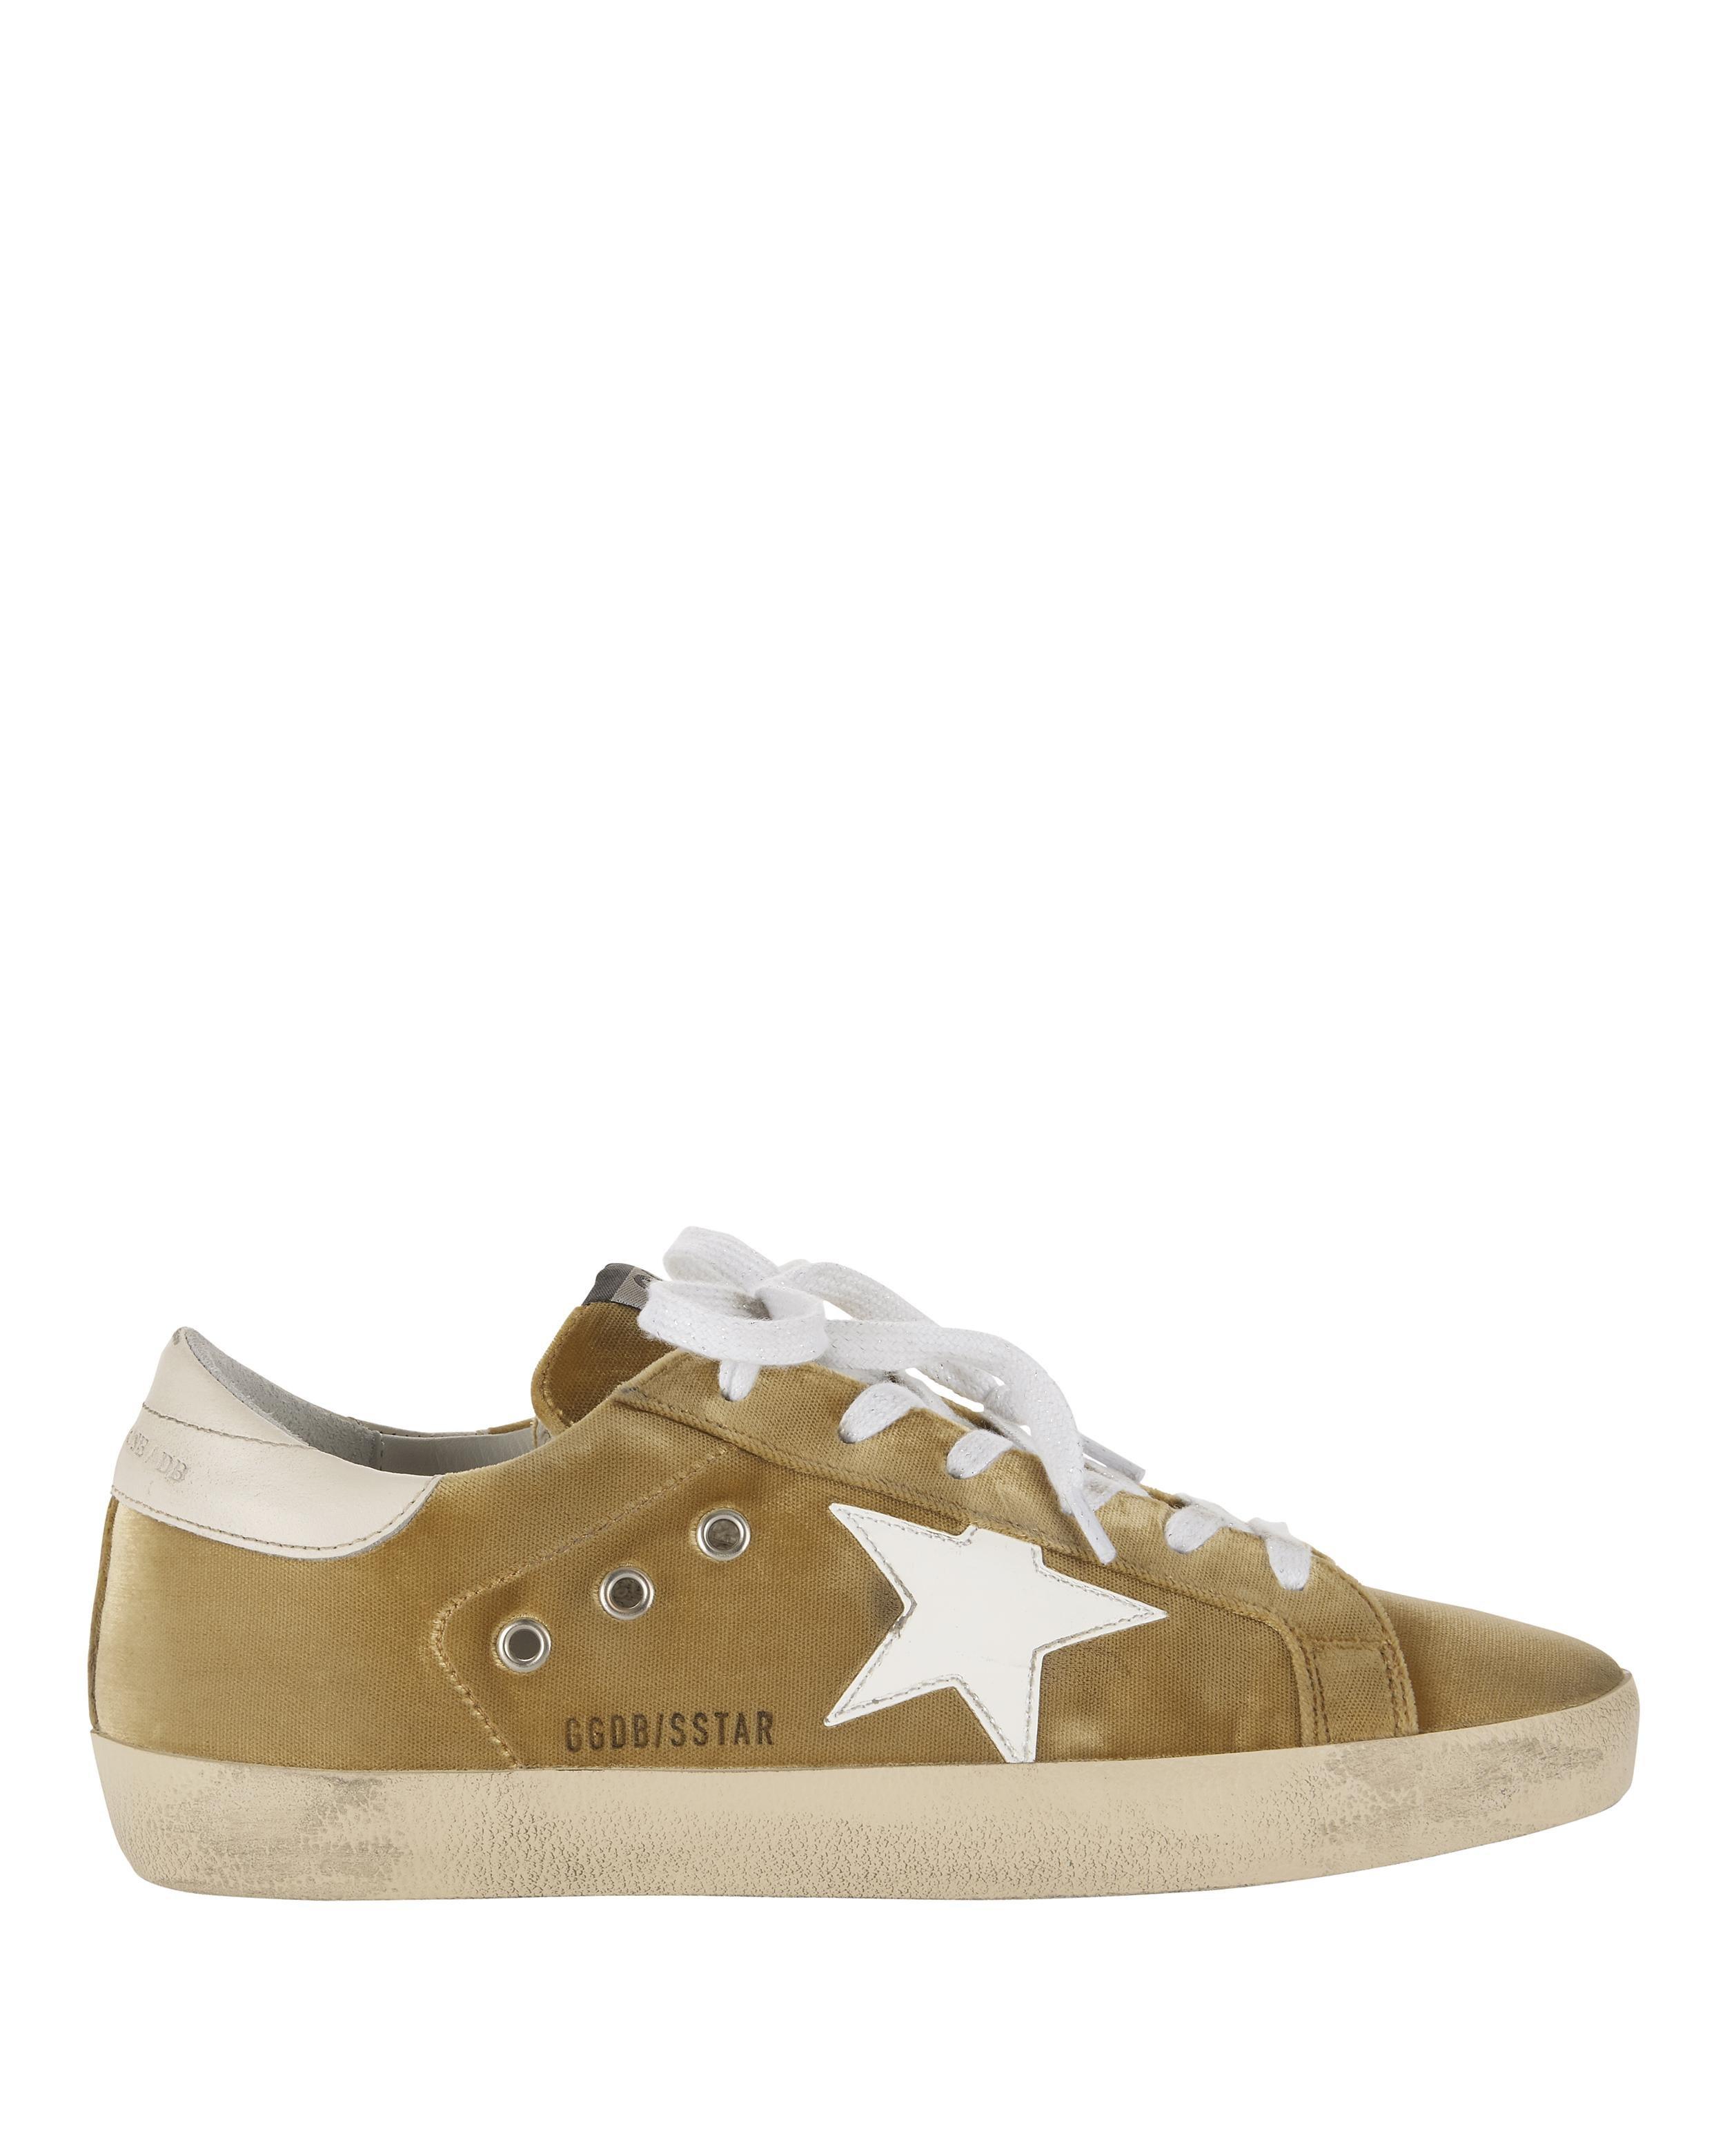 Nicekicks En Venta Golden Goose Deluxe Brand Superstar contrast sneakers - Brown En Italia La Venta En Línea Verdadera Libre Del Envío En Venta Finishline Sast Salida jWIz1LN